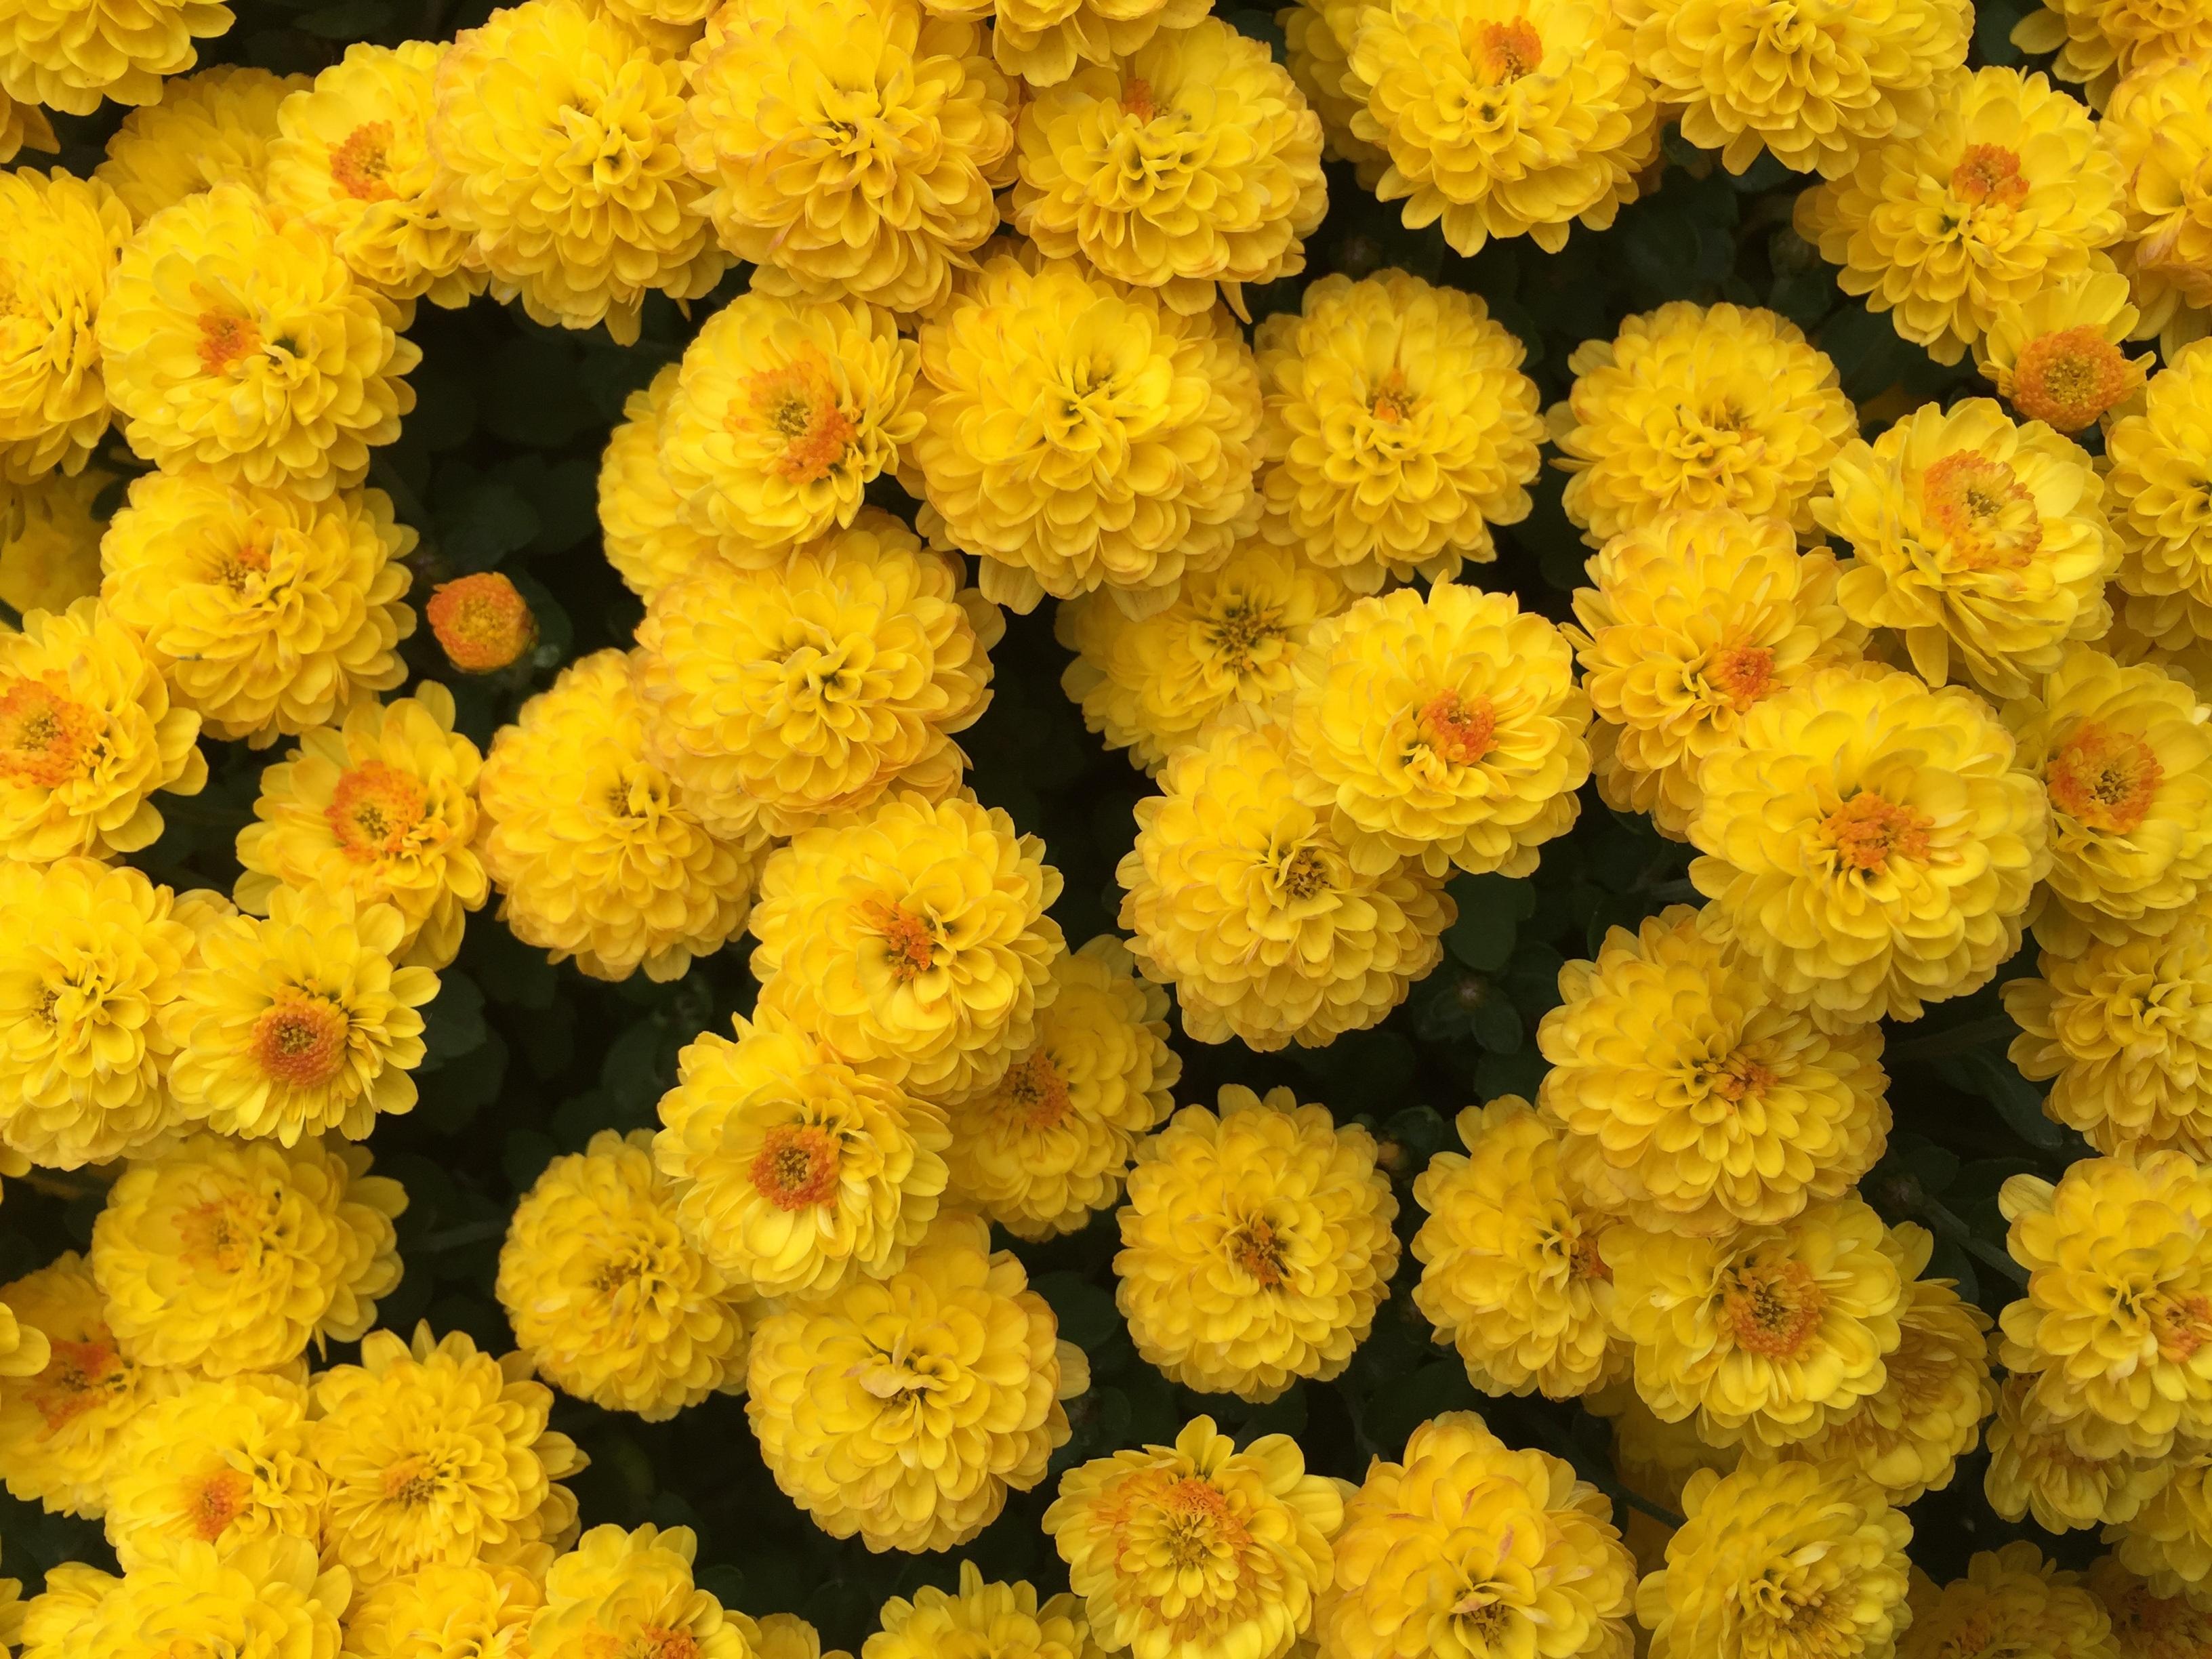 73377 скачать обои Цветы, Желтый, Хризантемы - заставки и картинки бесплатно